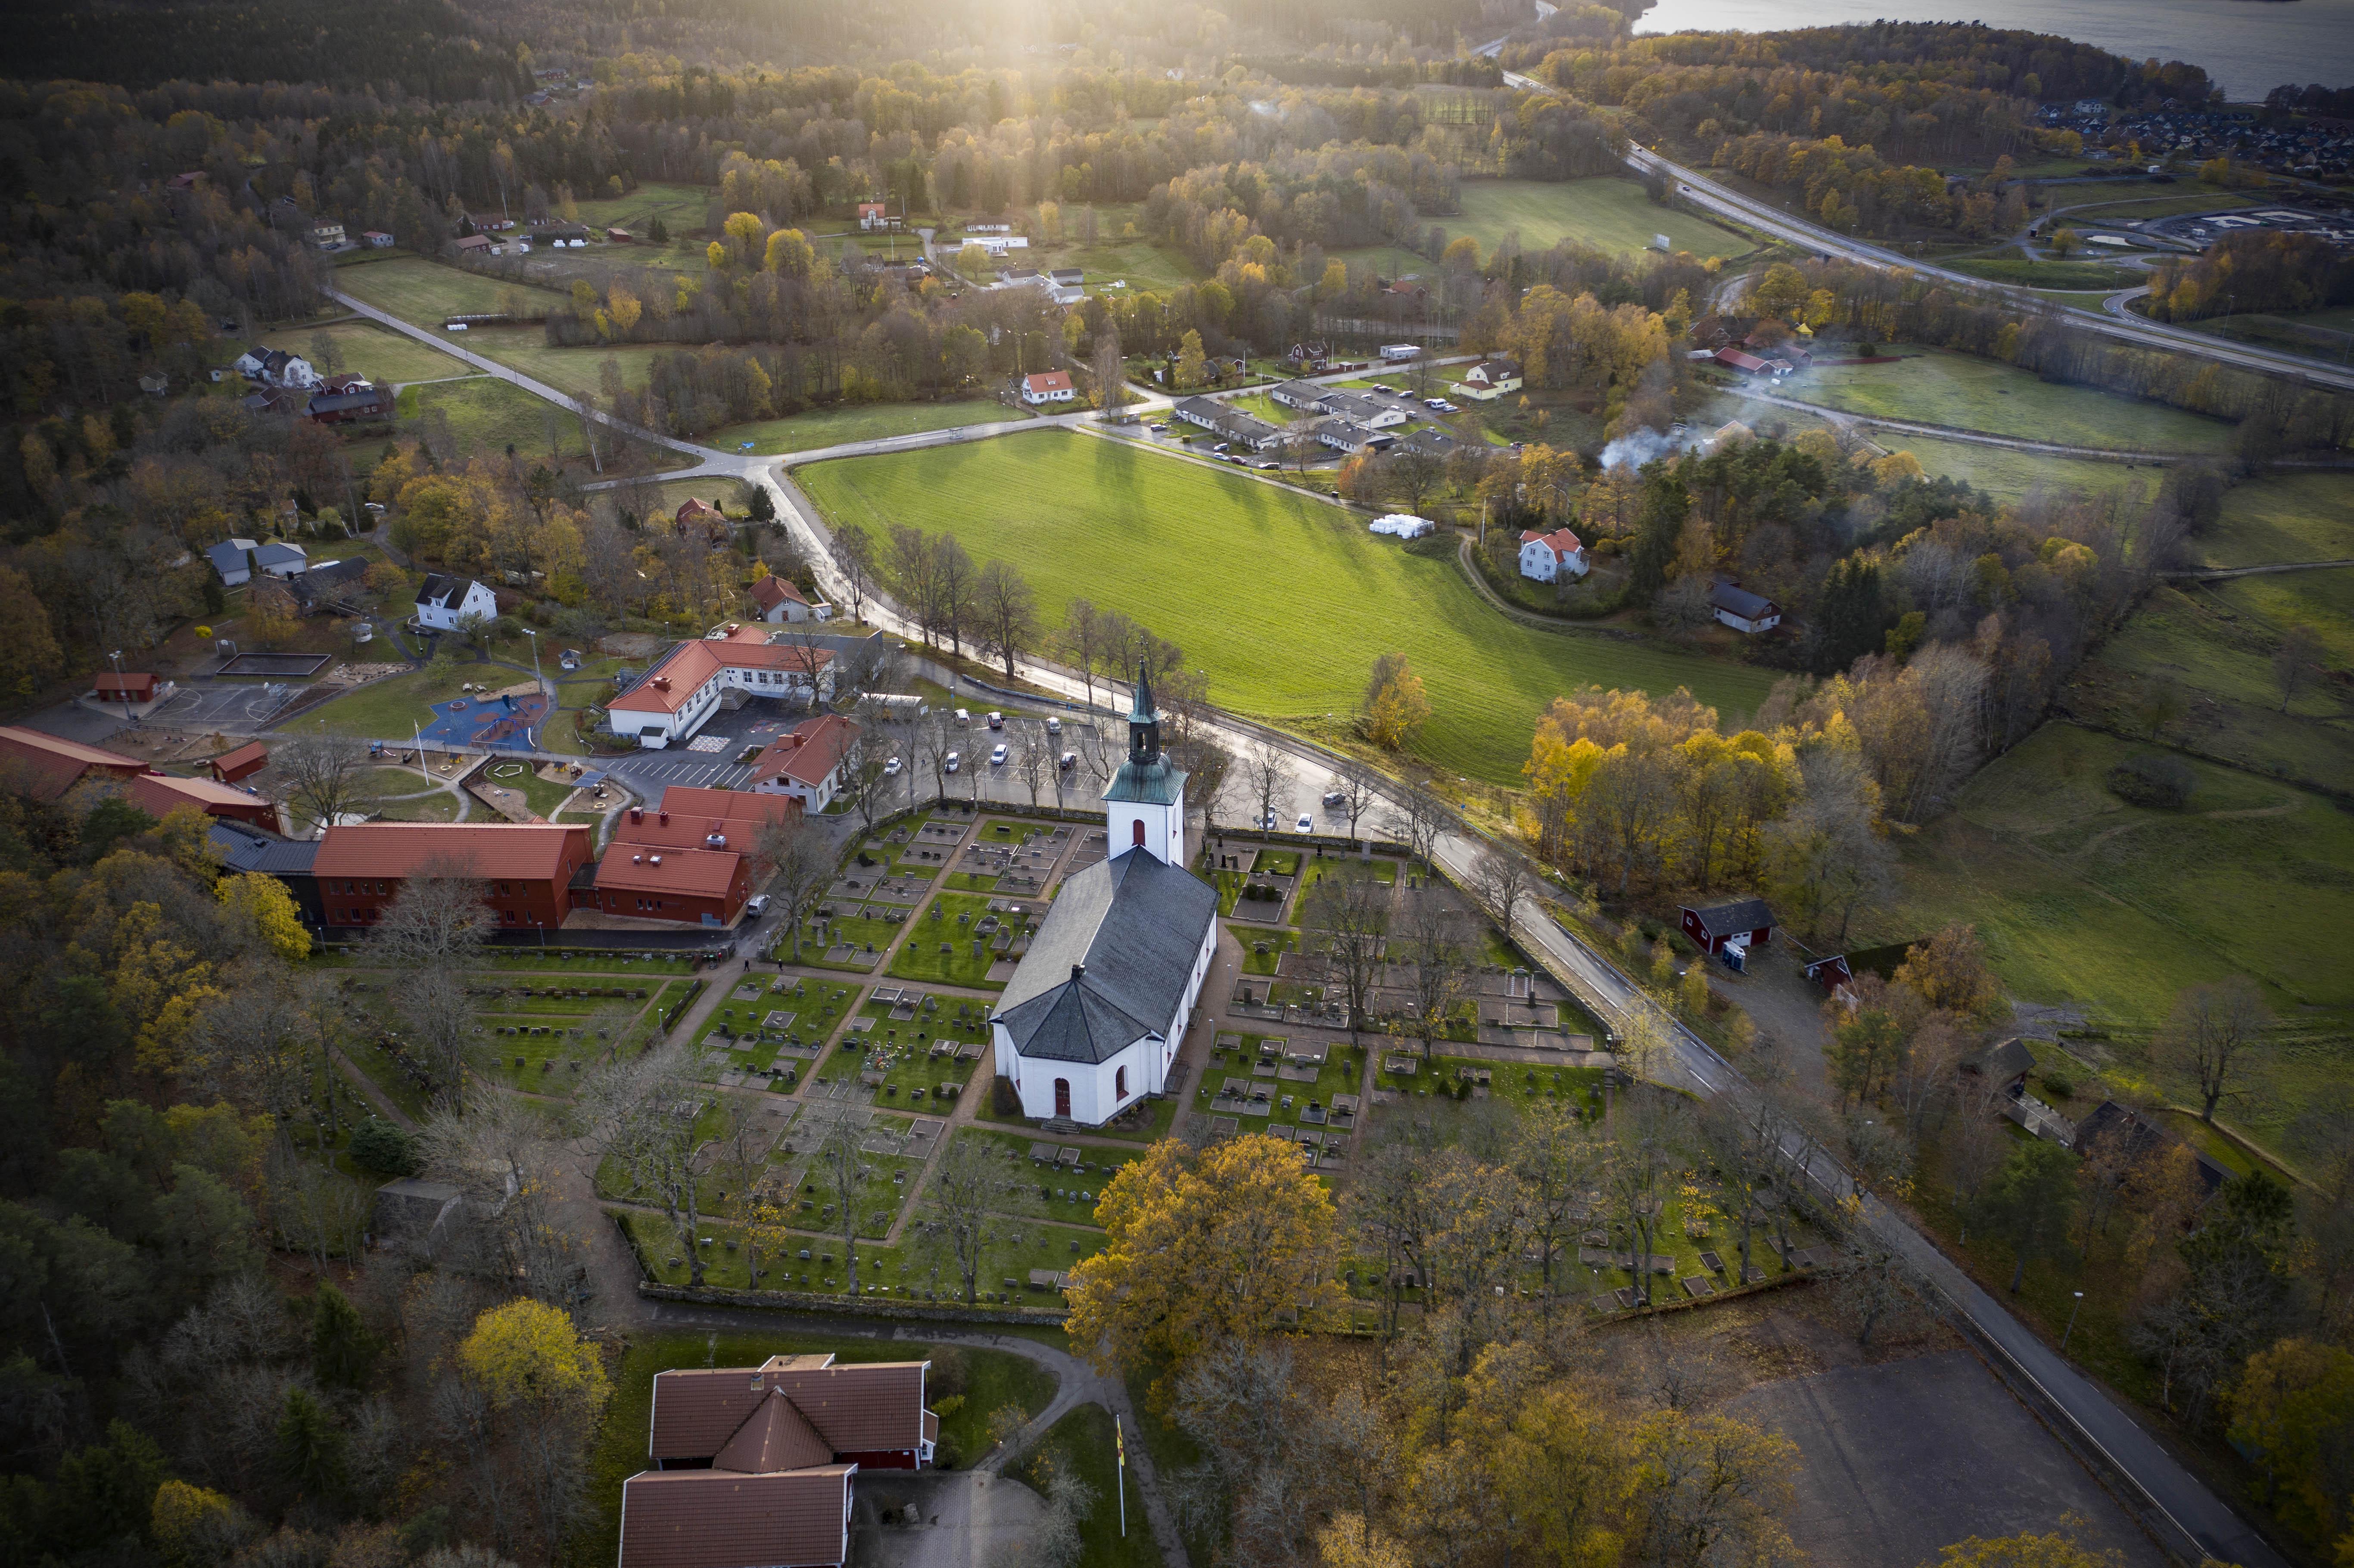 Chatta med mn i Hemsj | Sverige | Badoo